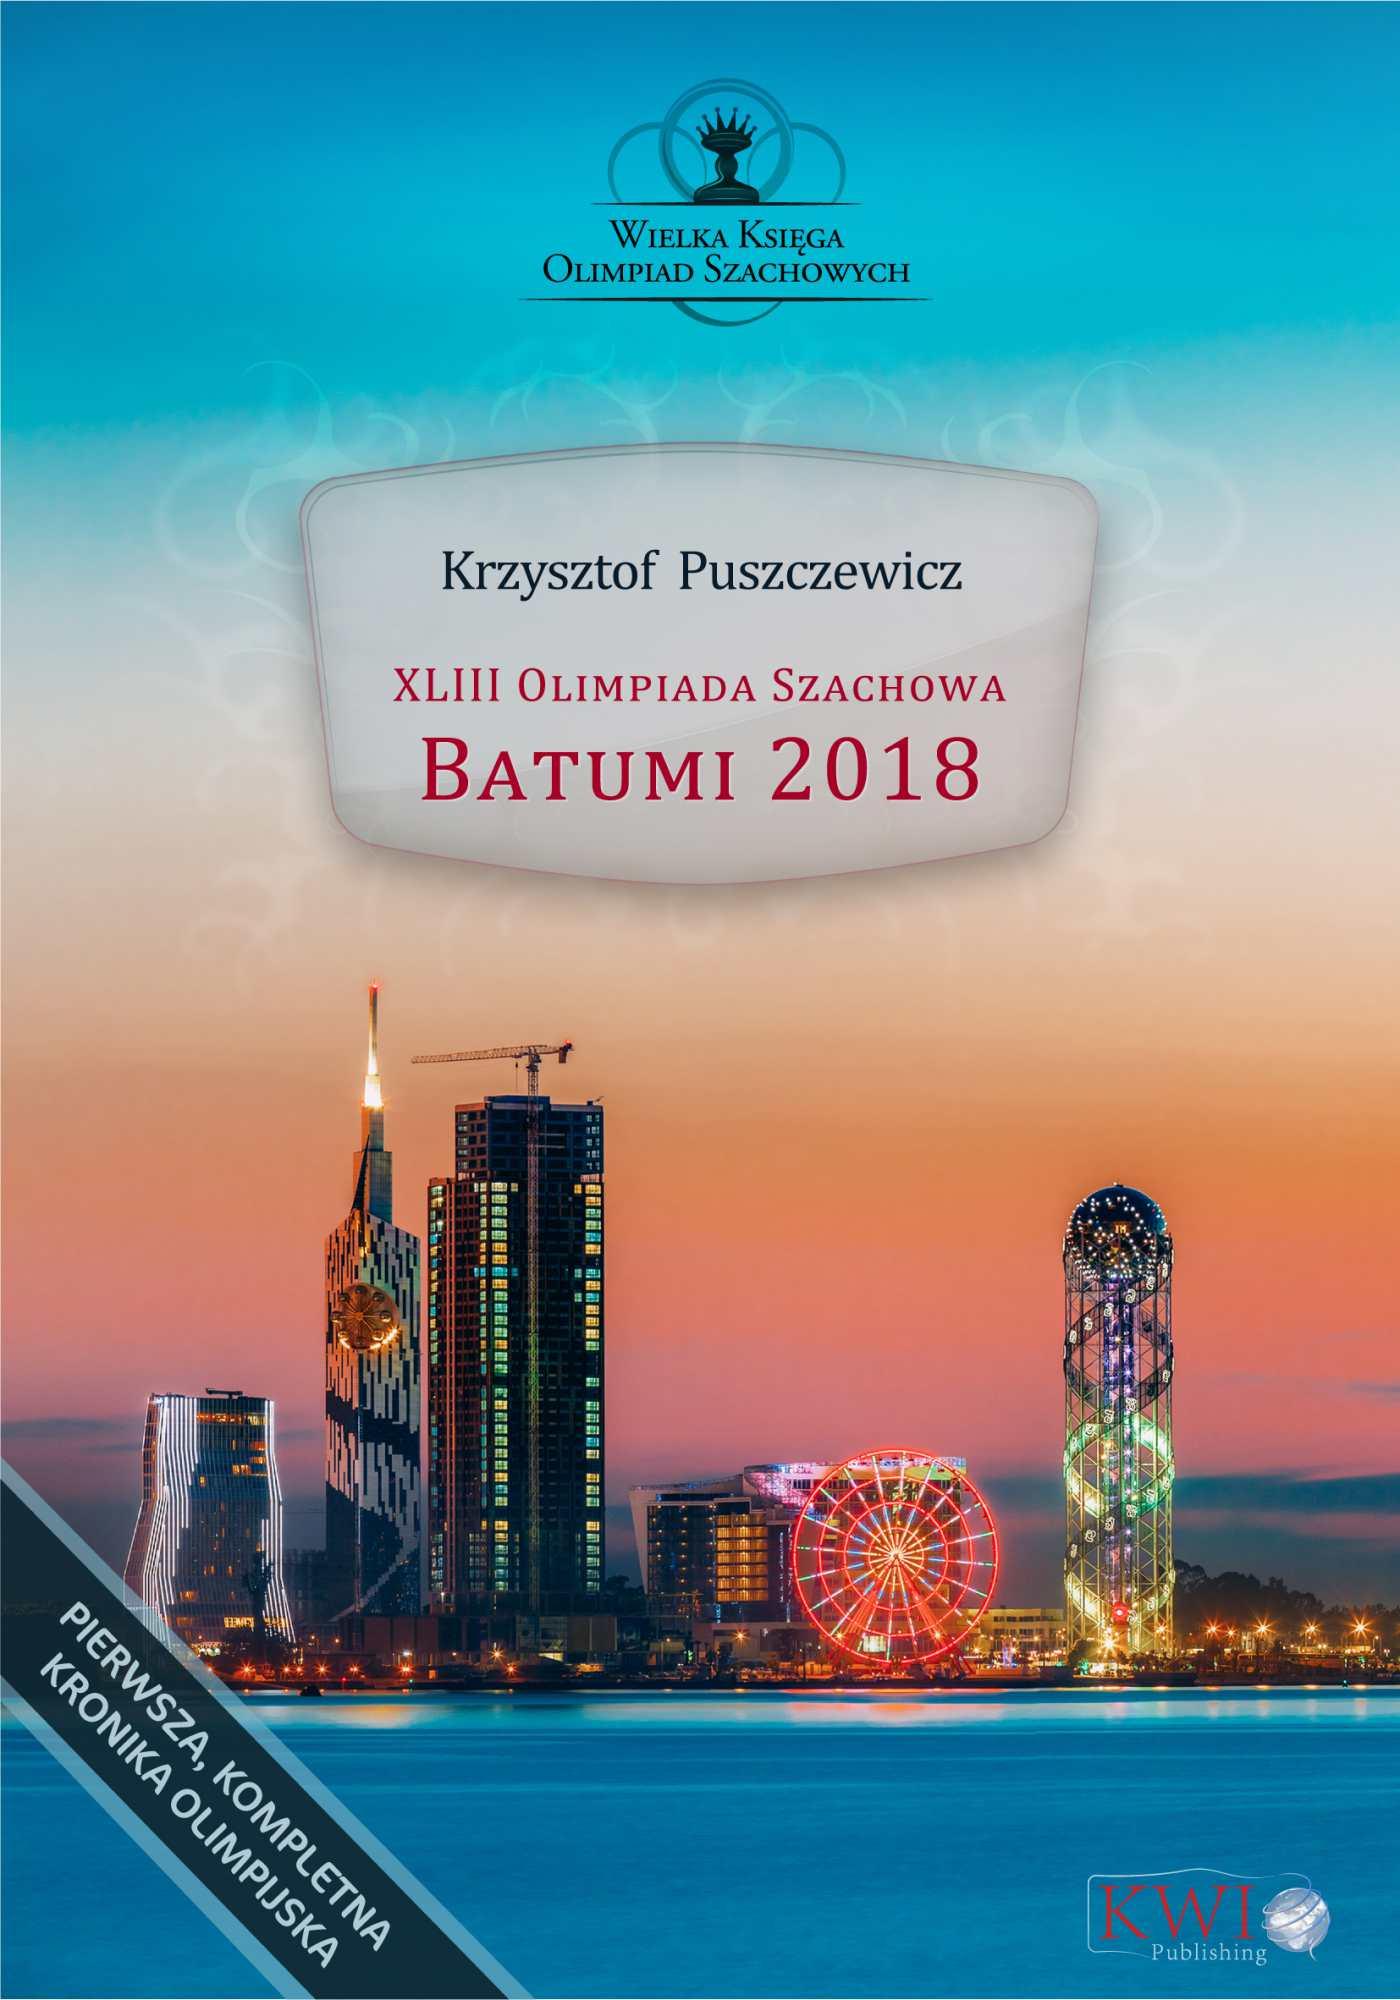 XLIII Olimpiada Szachowa - Batumi 2018 - Ebook (Książka PDF) do pobrania w formacie PDF